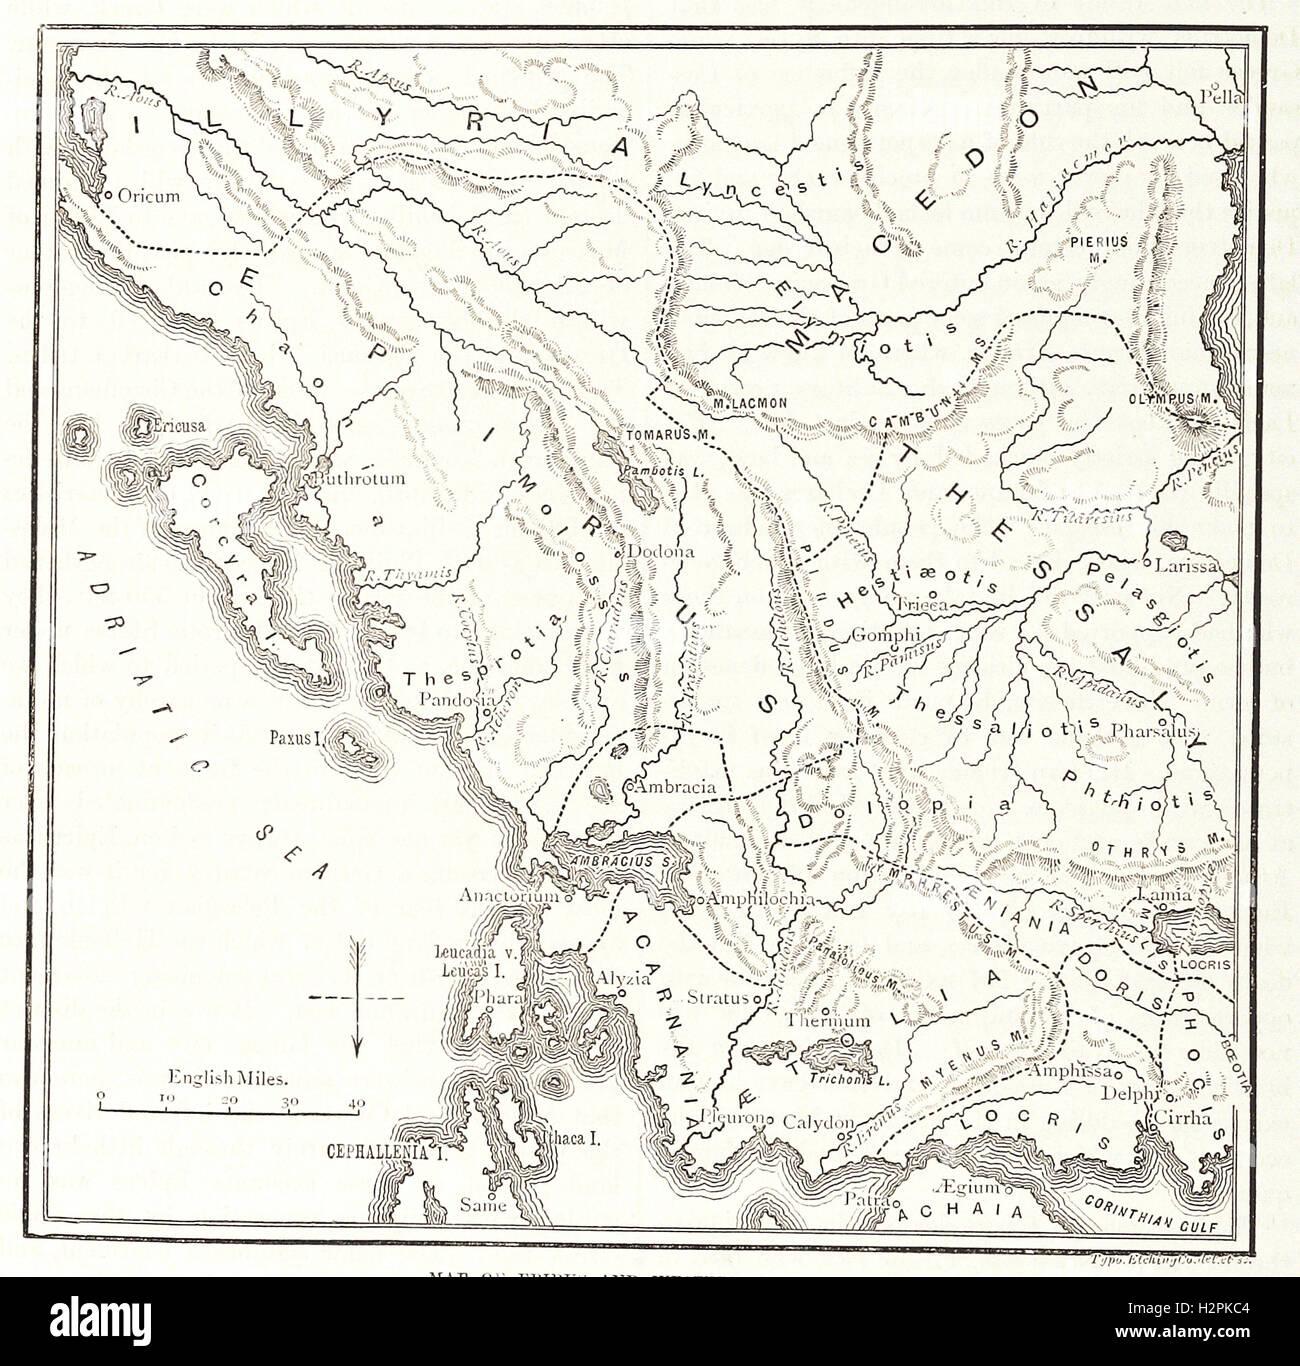 Site de l'Epire ET DE L'OUEST DE LA GRÈCE. - À partir de la 'Cassell's Illustrated Histoire Photo Stock